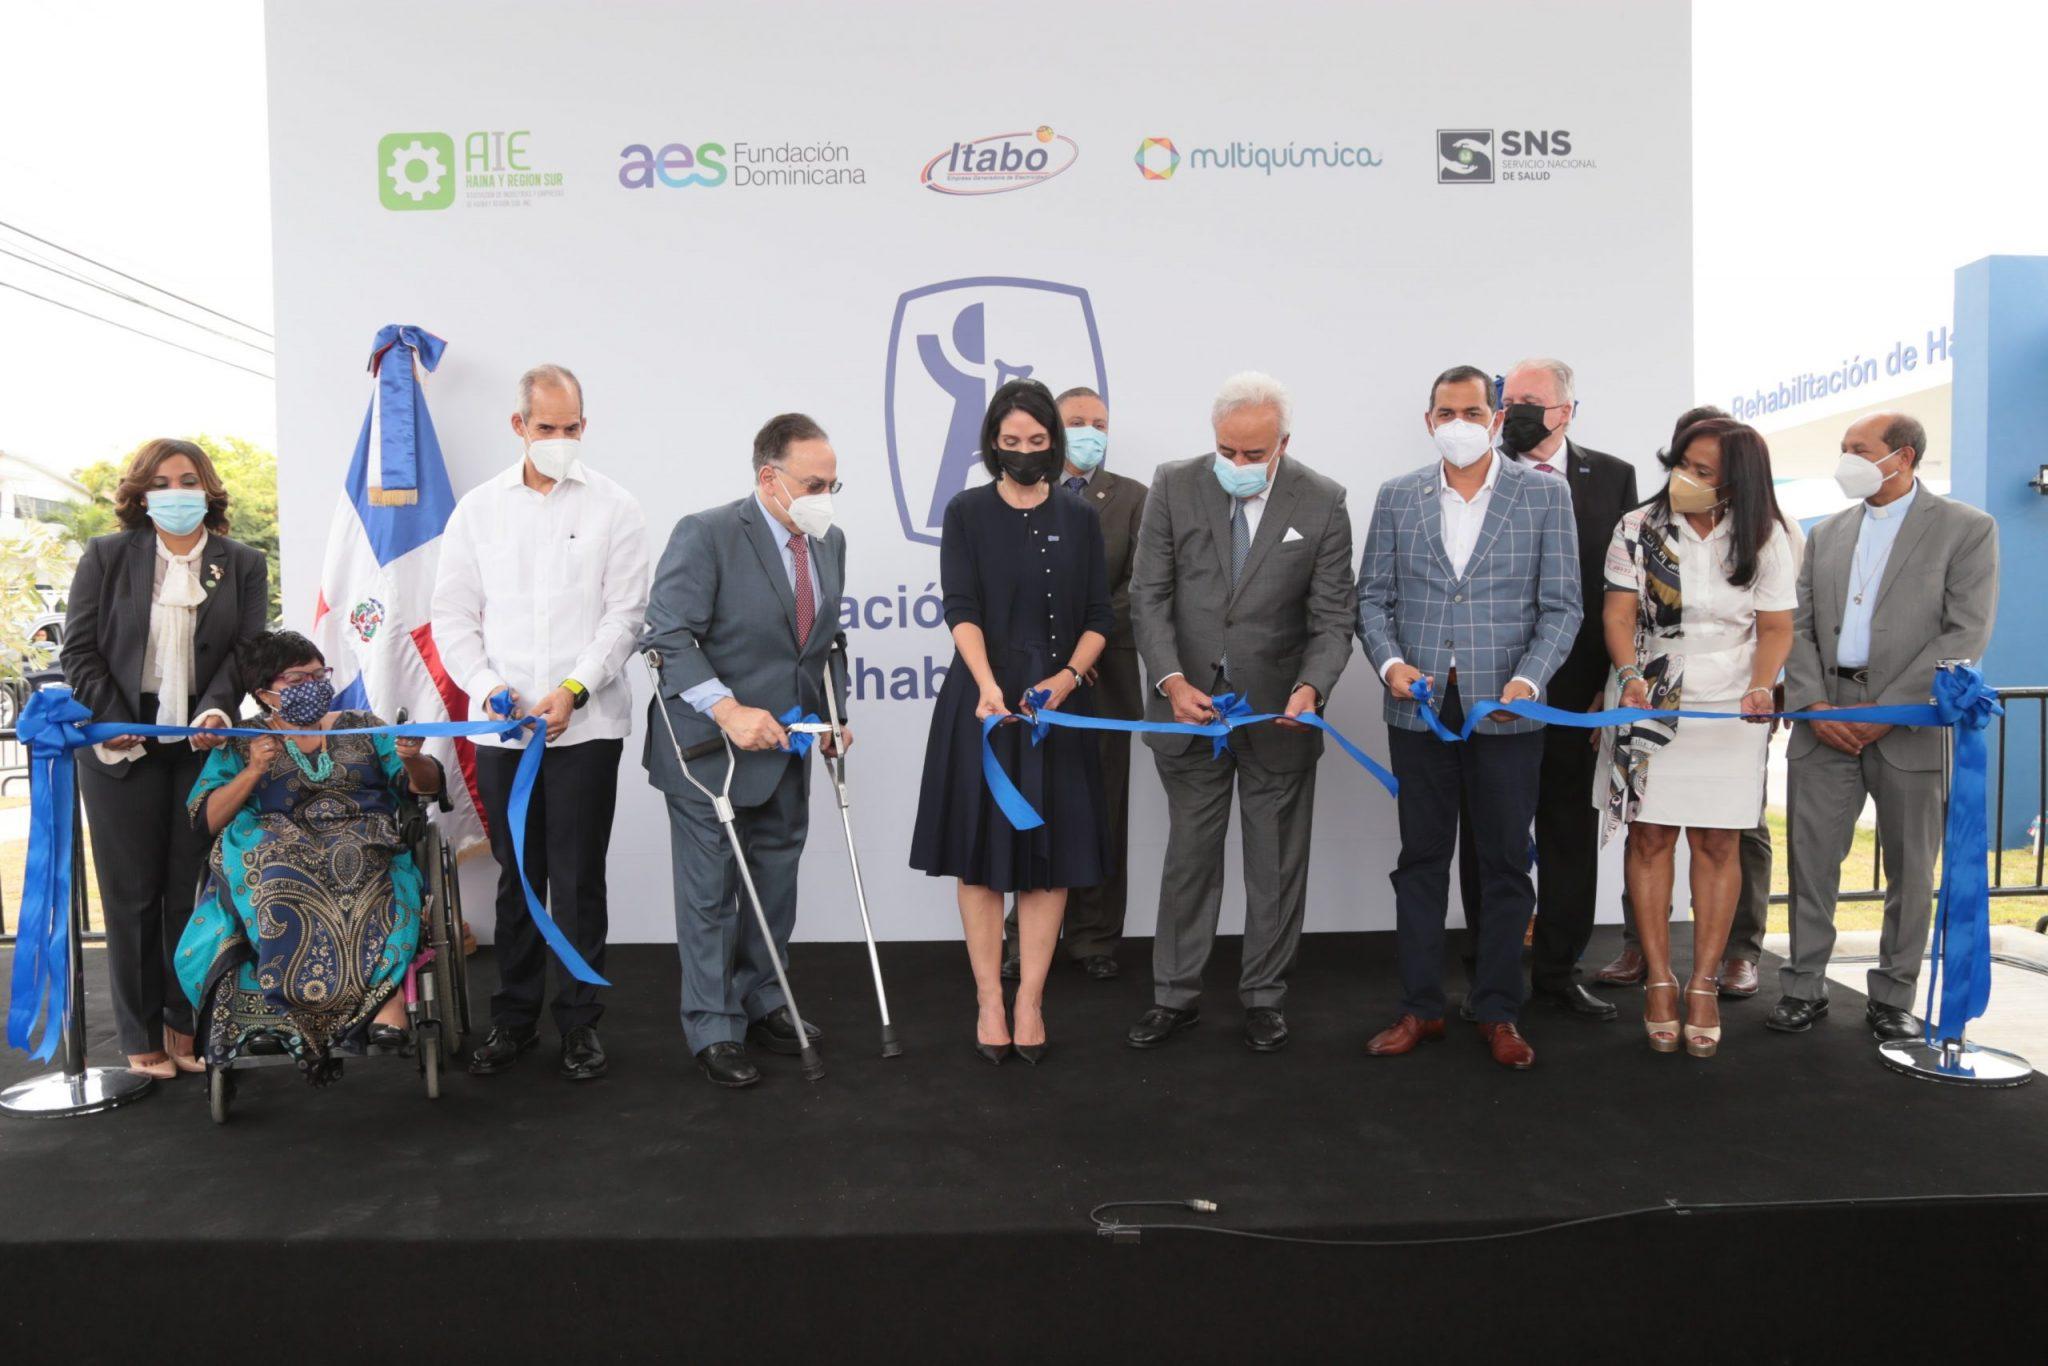 Abren nuevo Centro de Rehabilitación en Haina